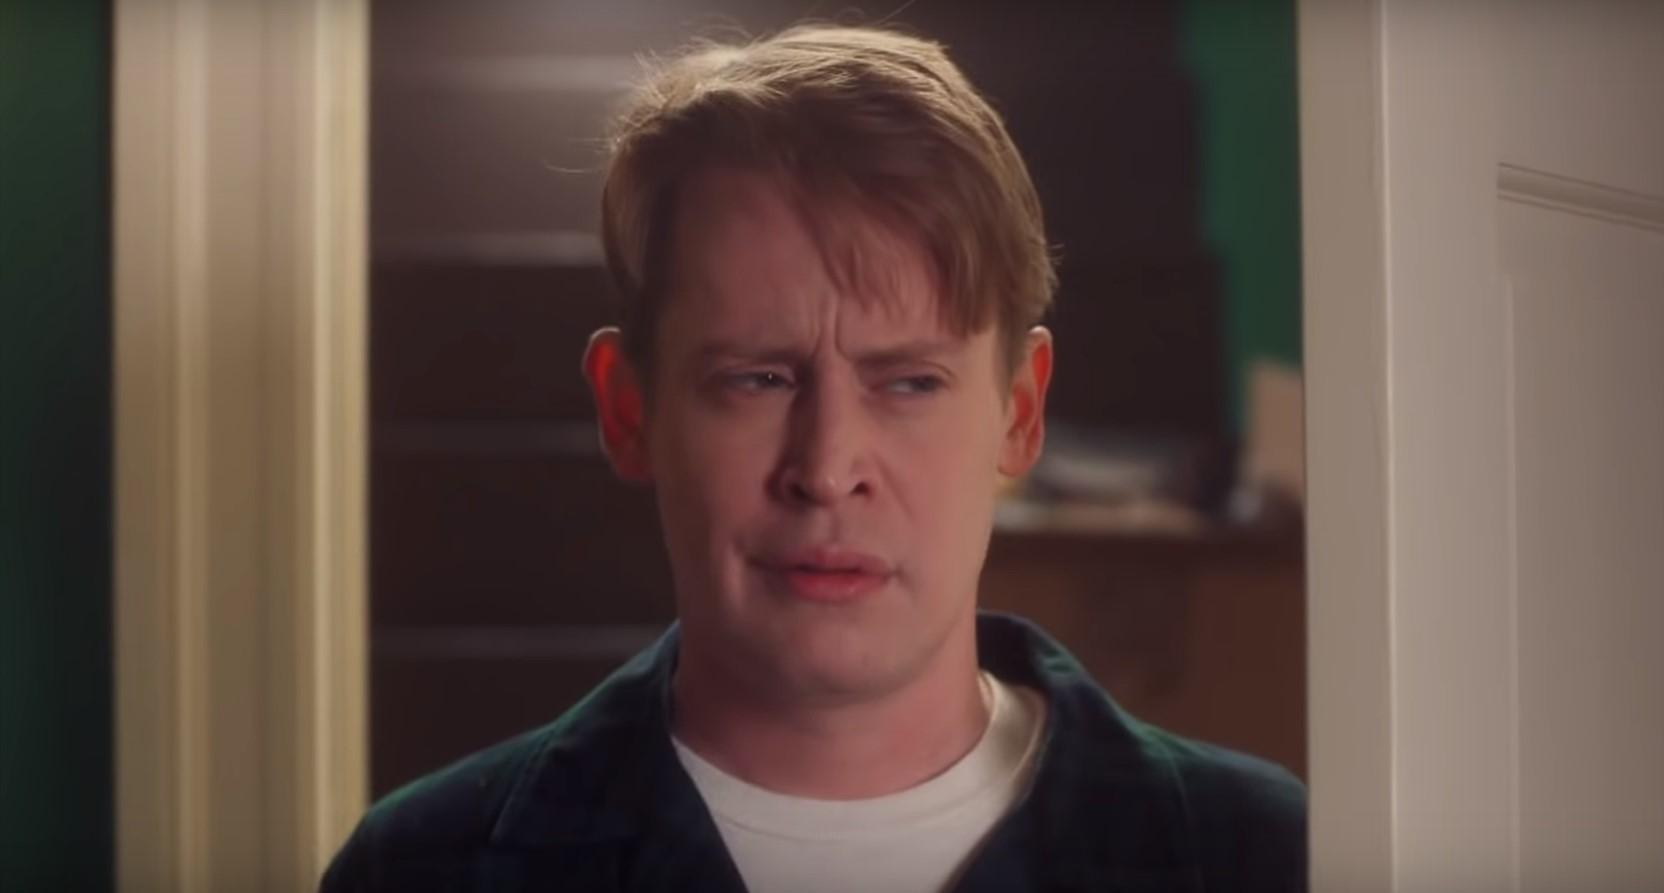 Маколей Калкин повторил сцены из фильма «Один дома» спустя 18 лет